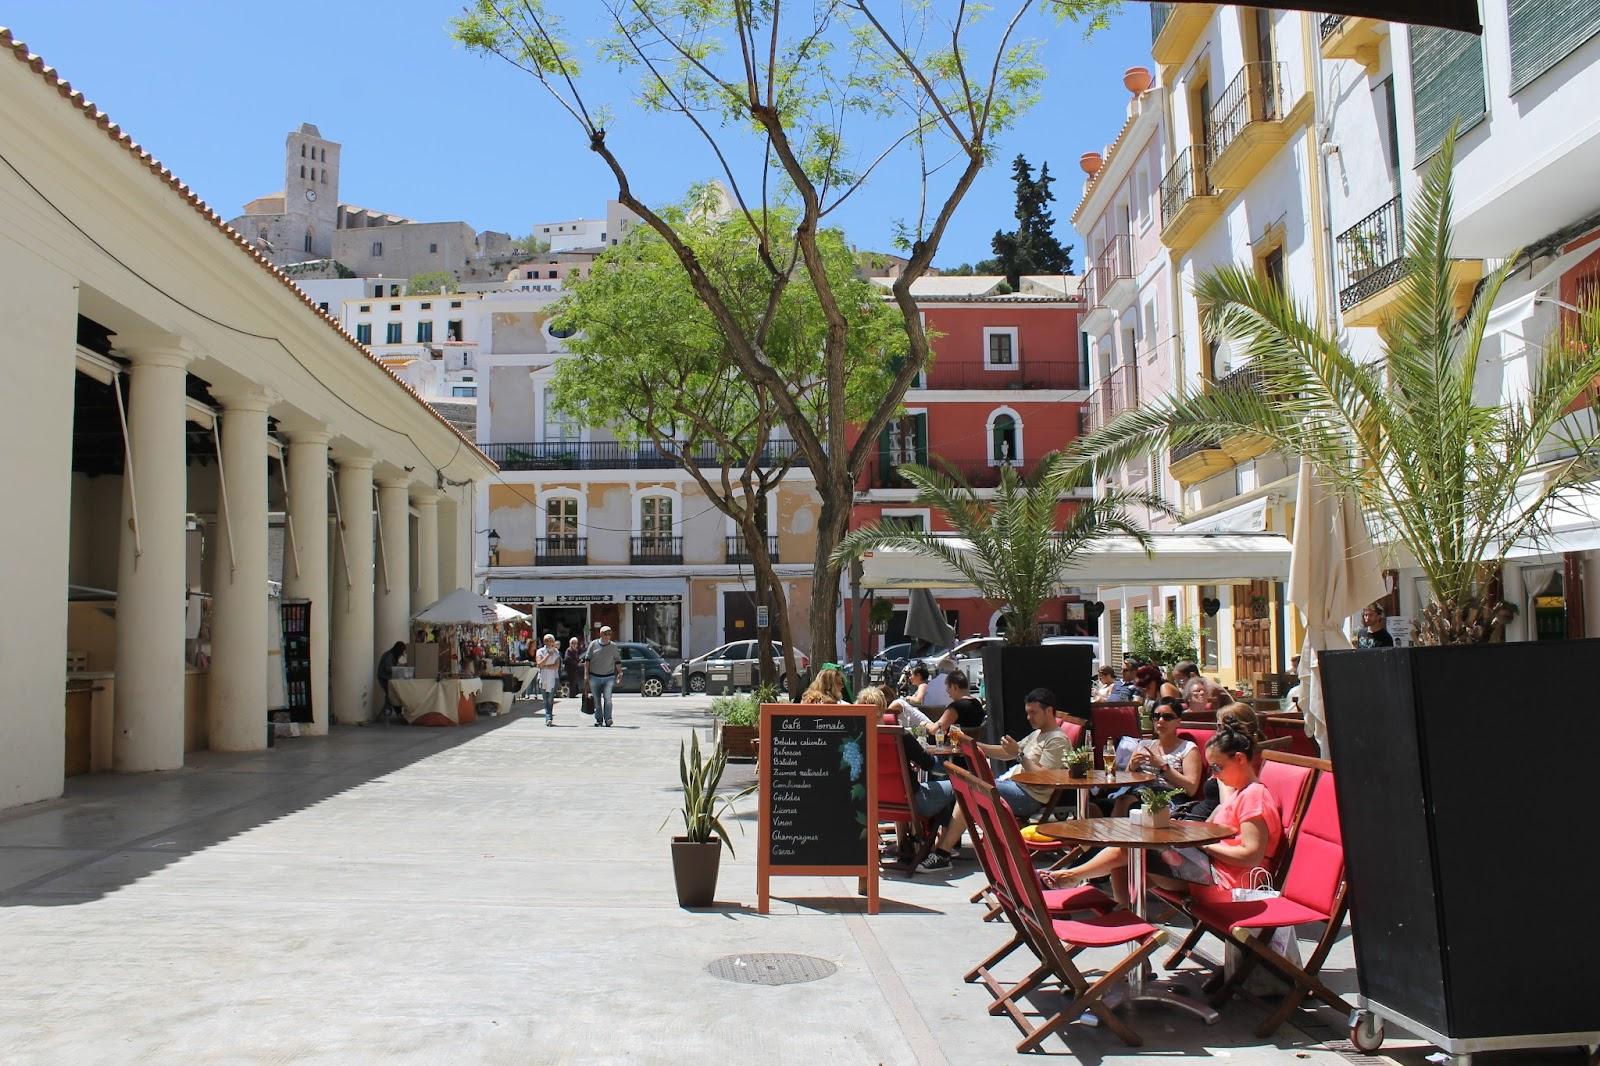 Mercat Vell - Plaza de la Constitución